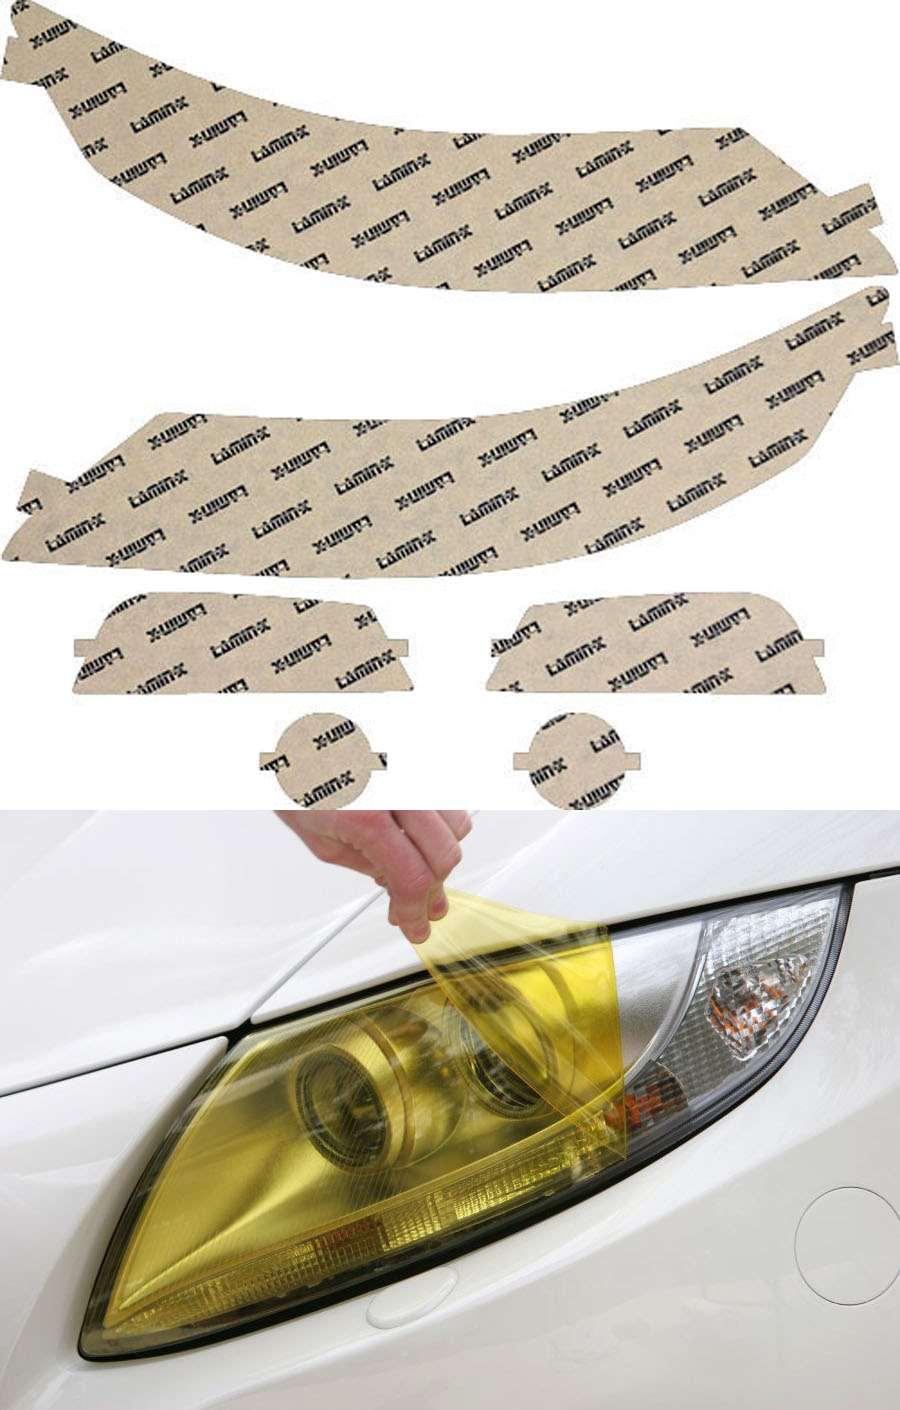 Acura TL 12-14 Yellow Headlight Covers Lamin-X AC022Y